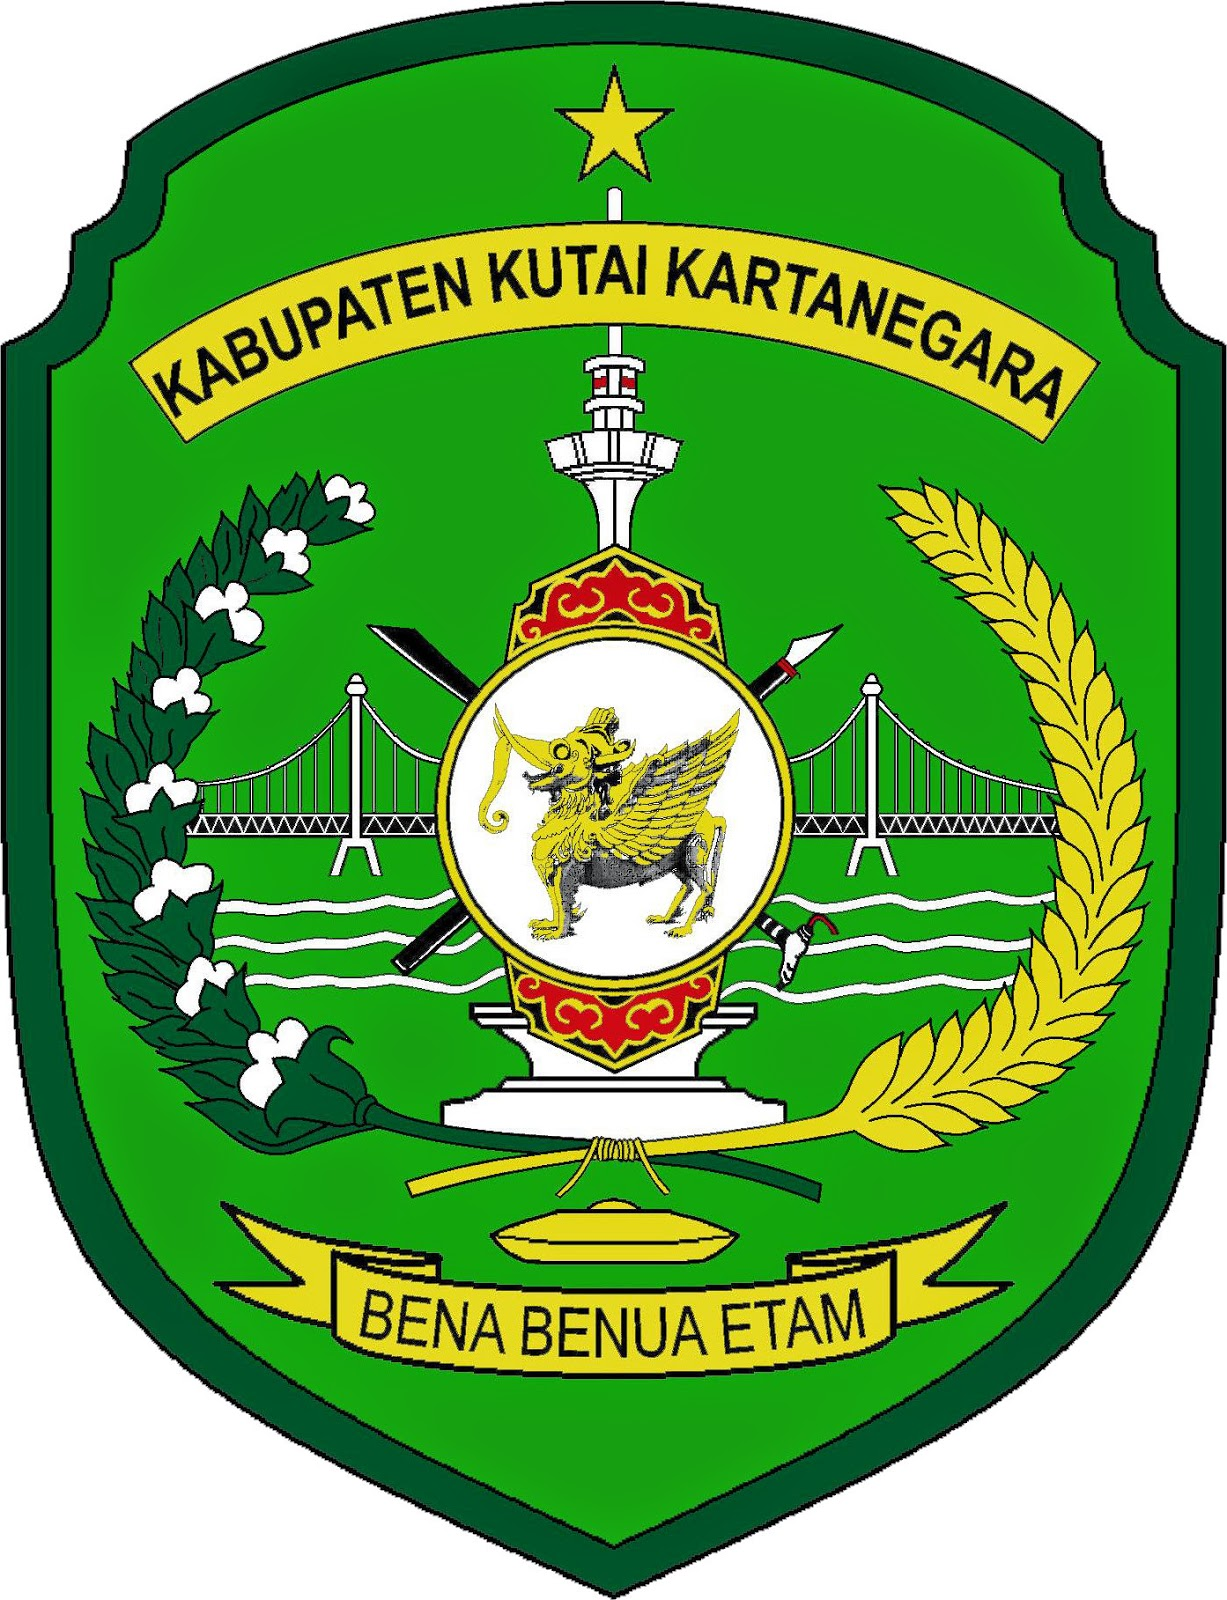 Logo Kabupaten Kutai Kartanegara, Kalimantan Timur